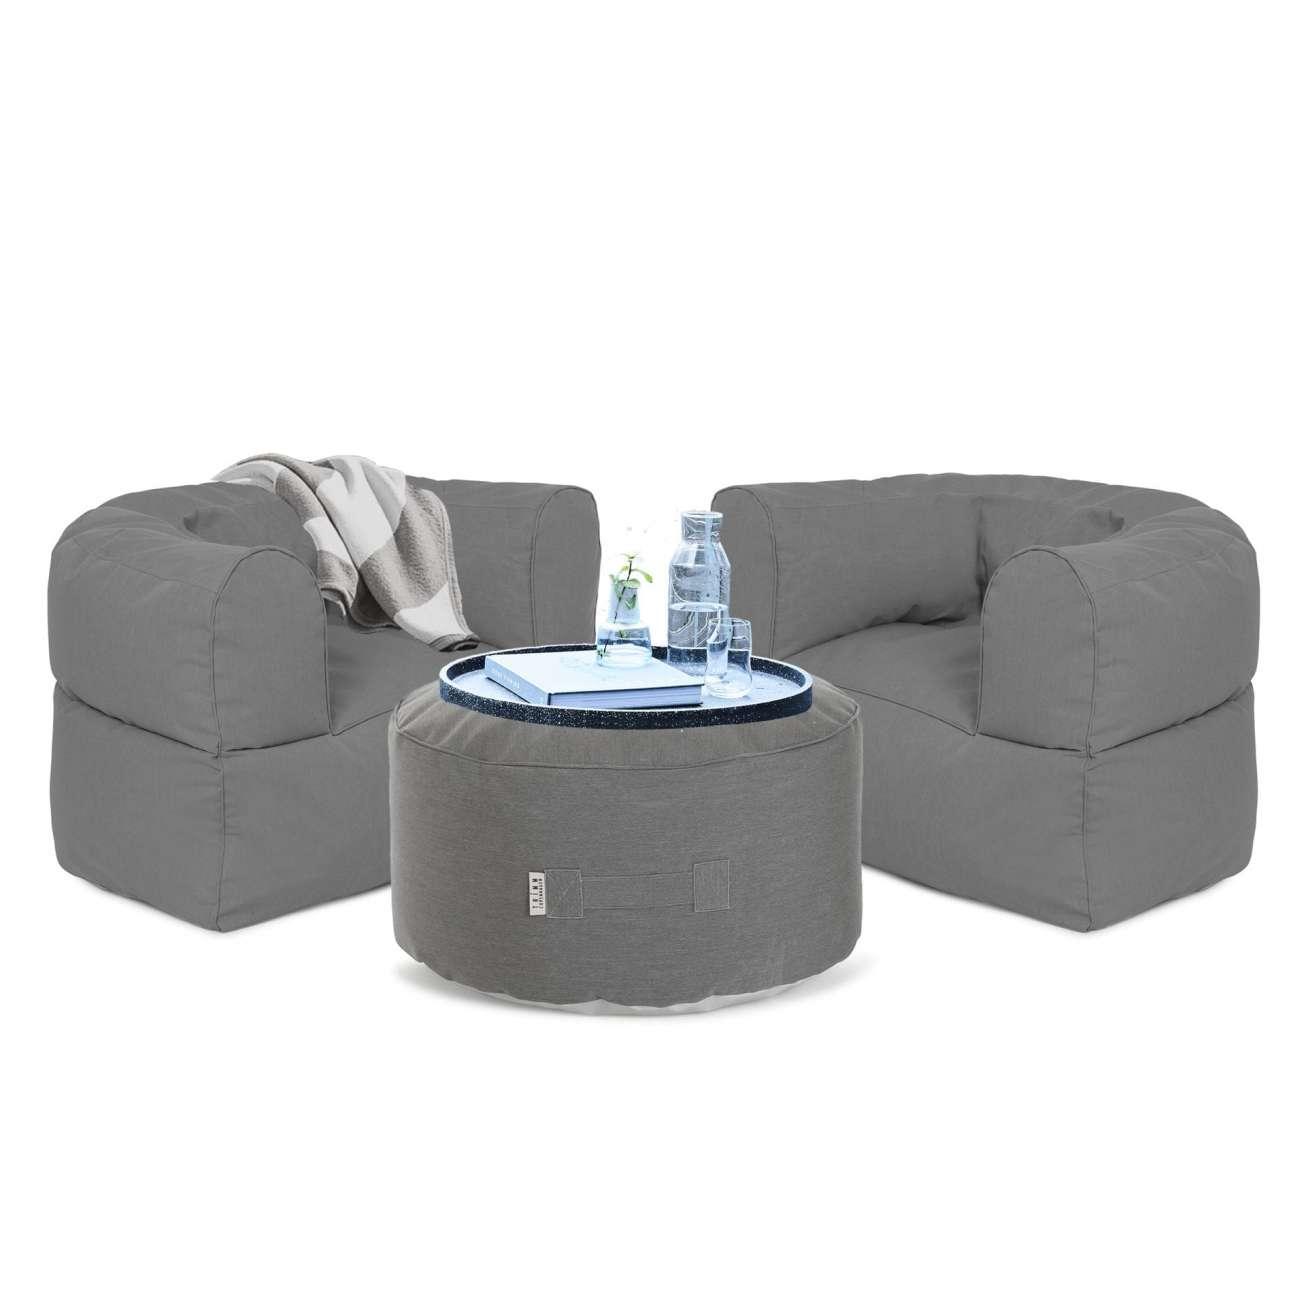 Arm-strong-sett-grå Hagemøbler og utemøbler - Fine design